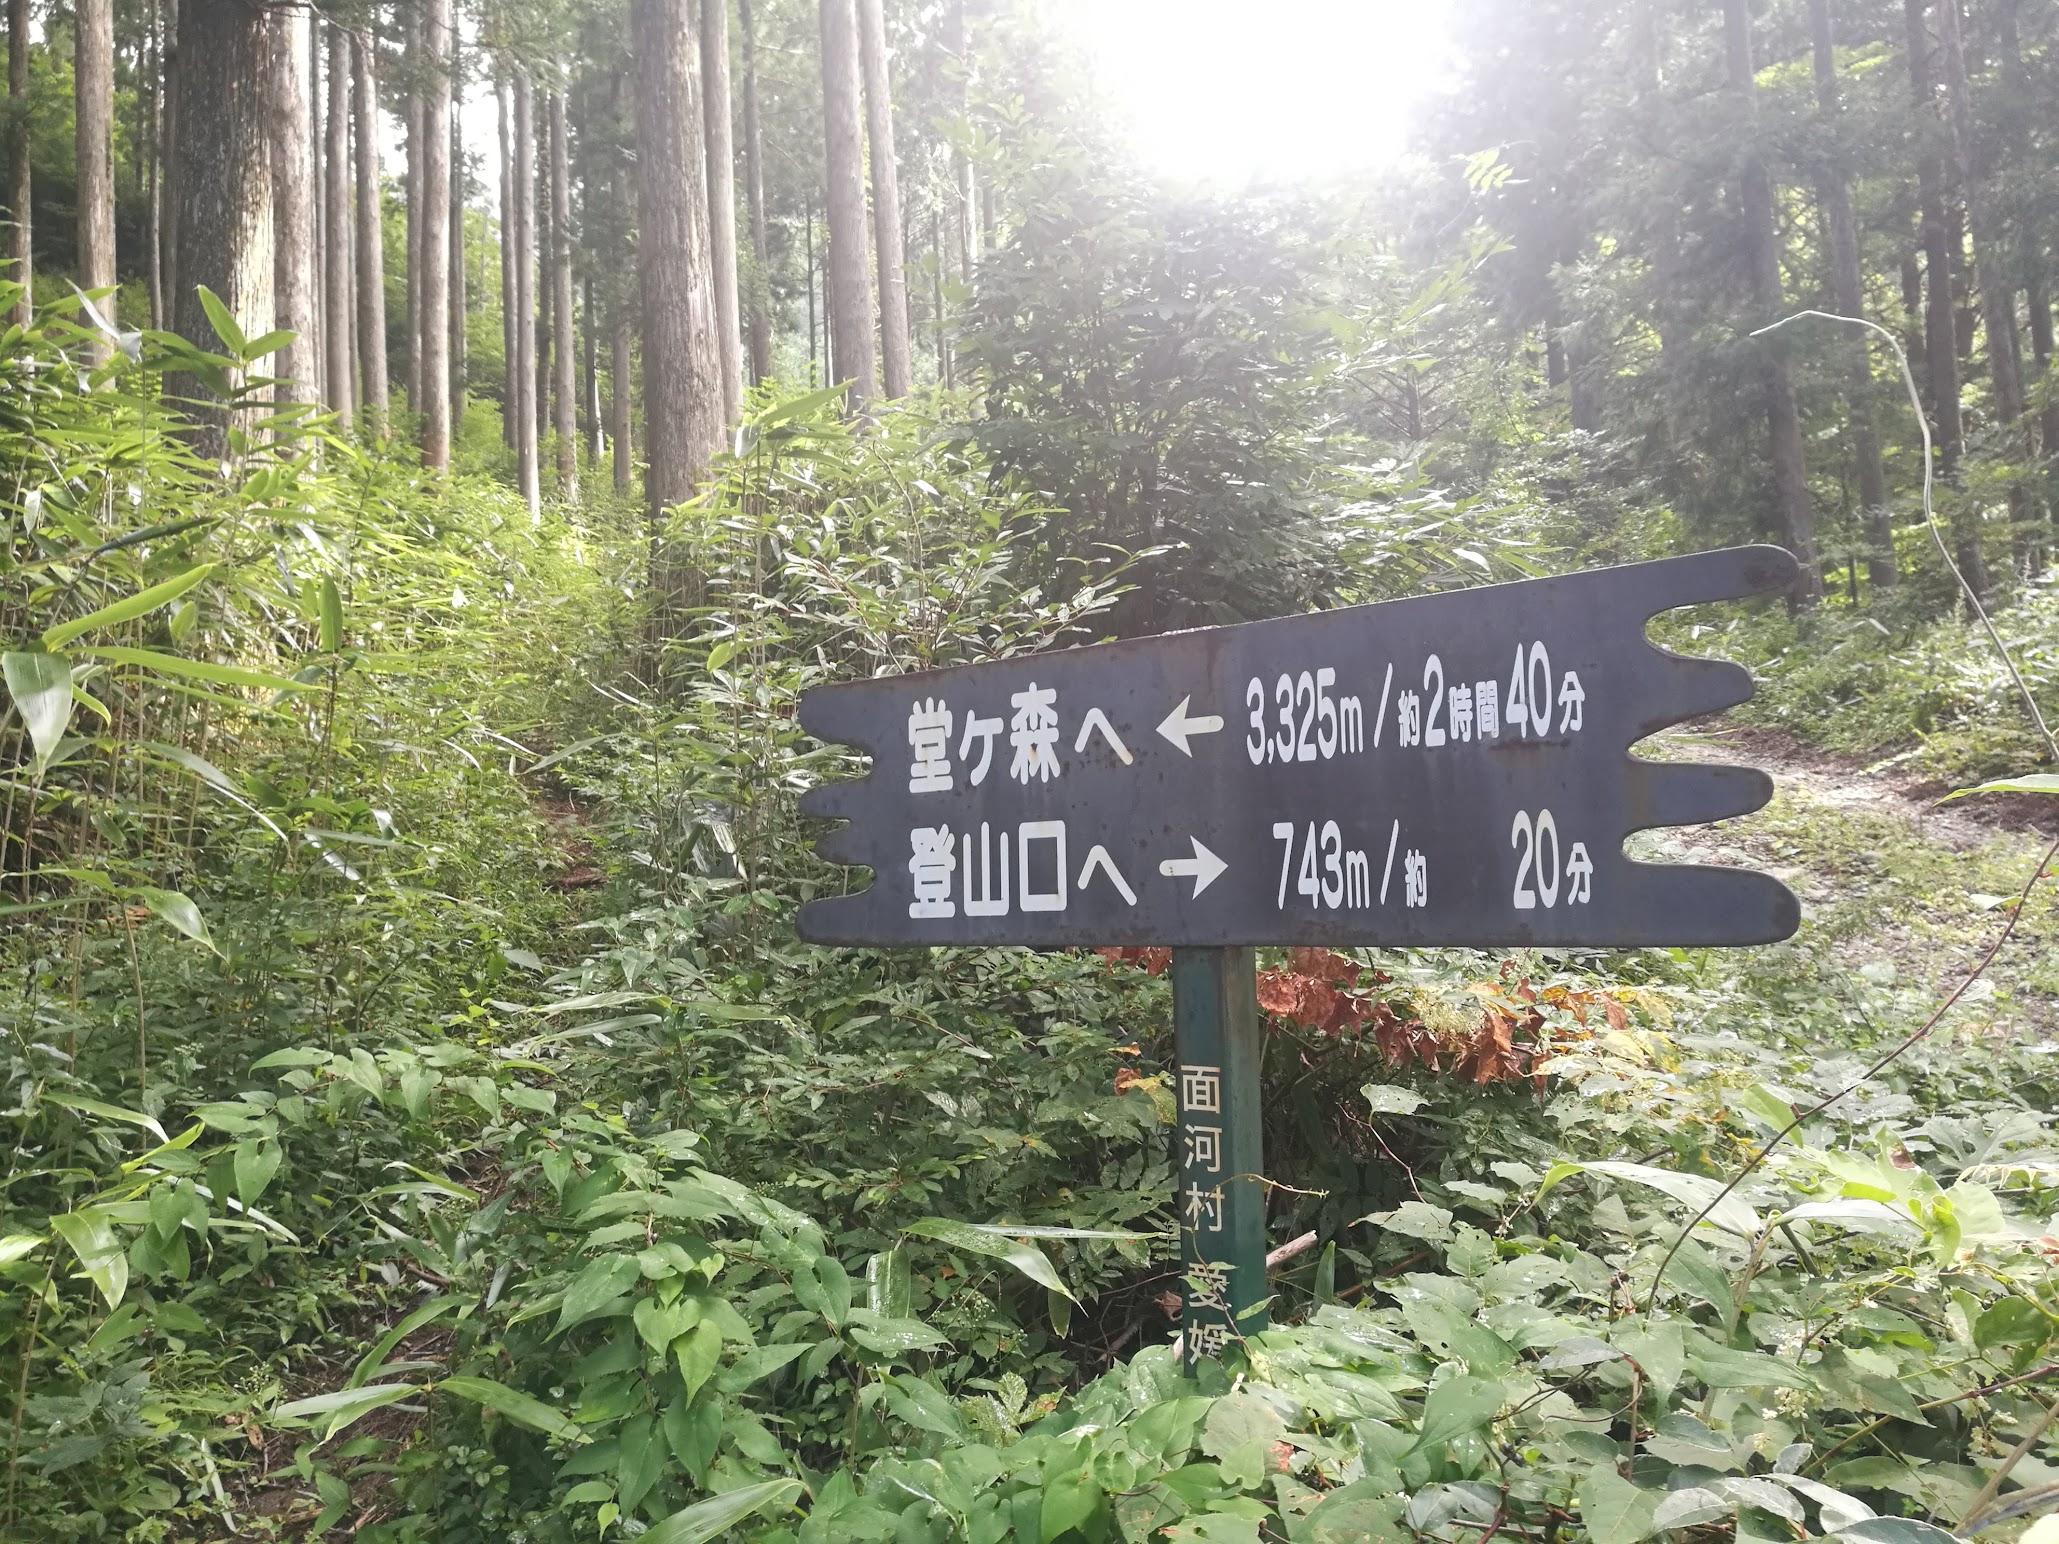 堂が森登山口